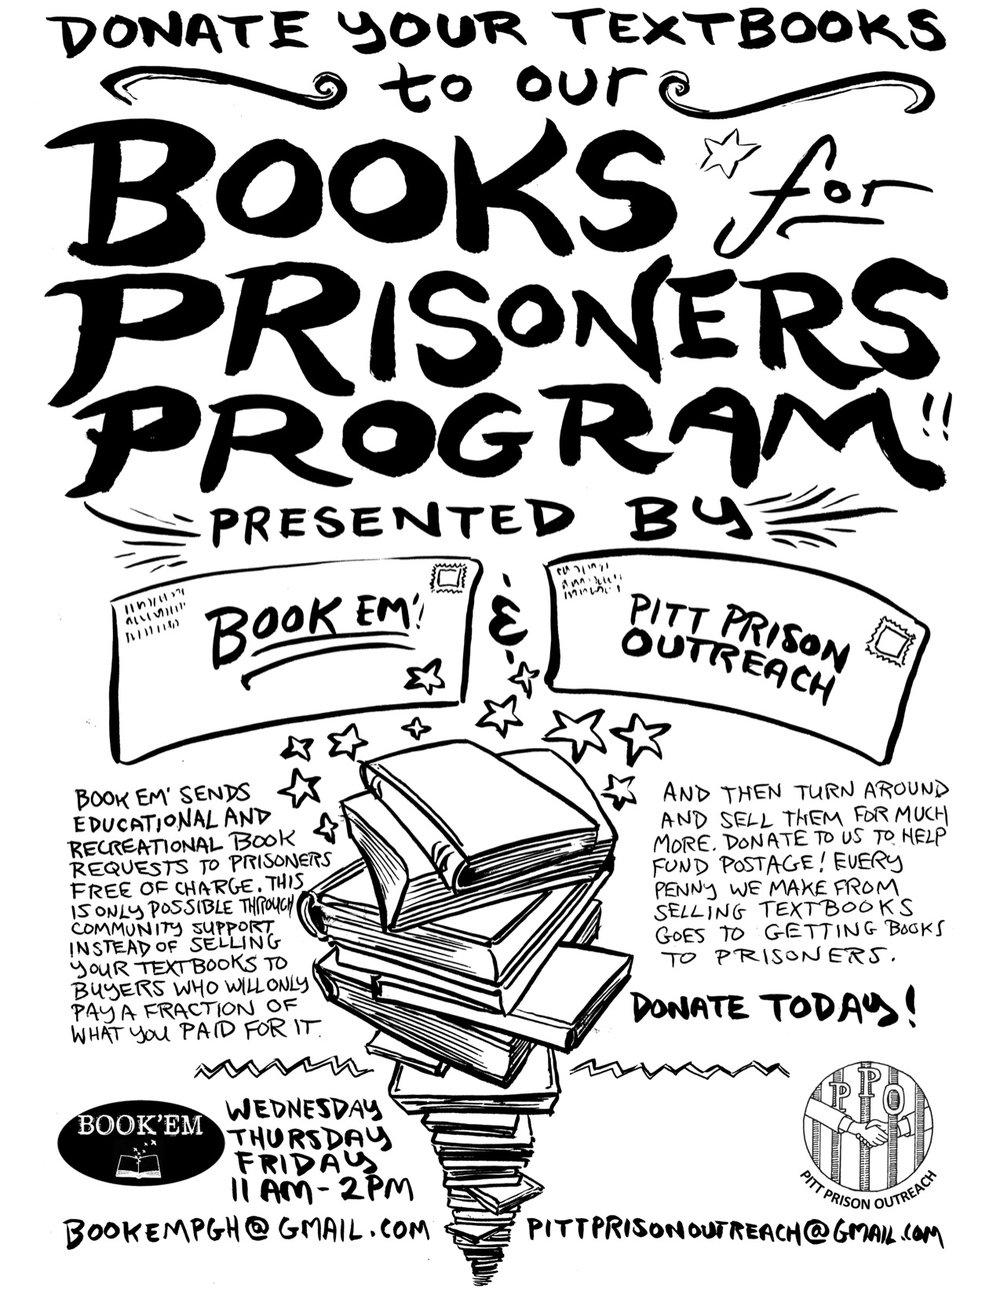 Book Em Campus Book Drive 2017.jpg